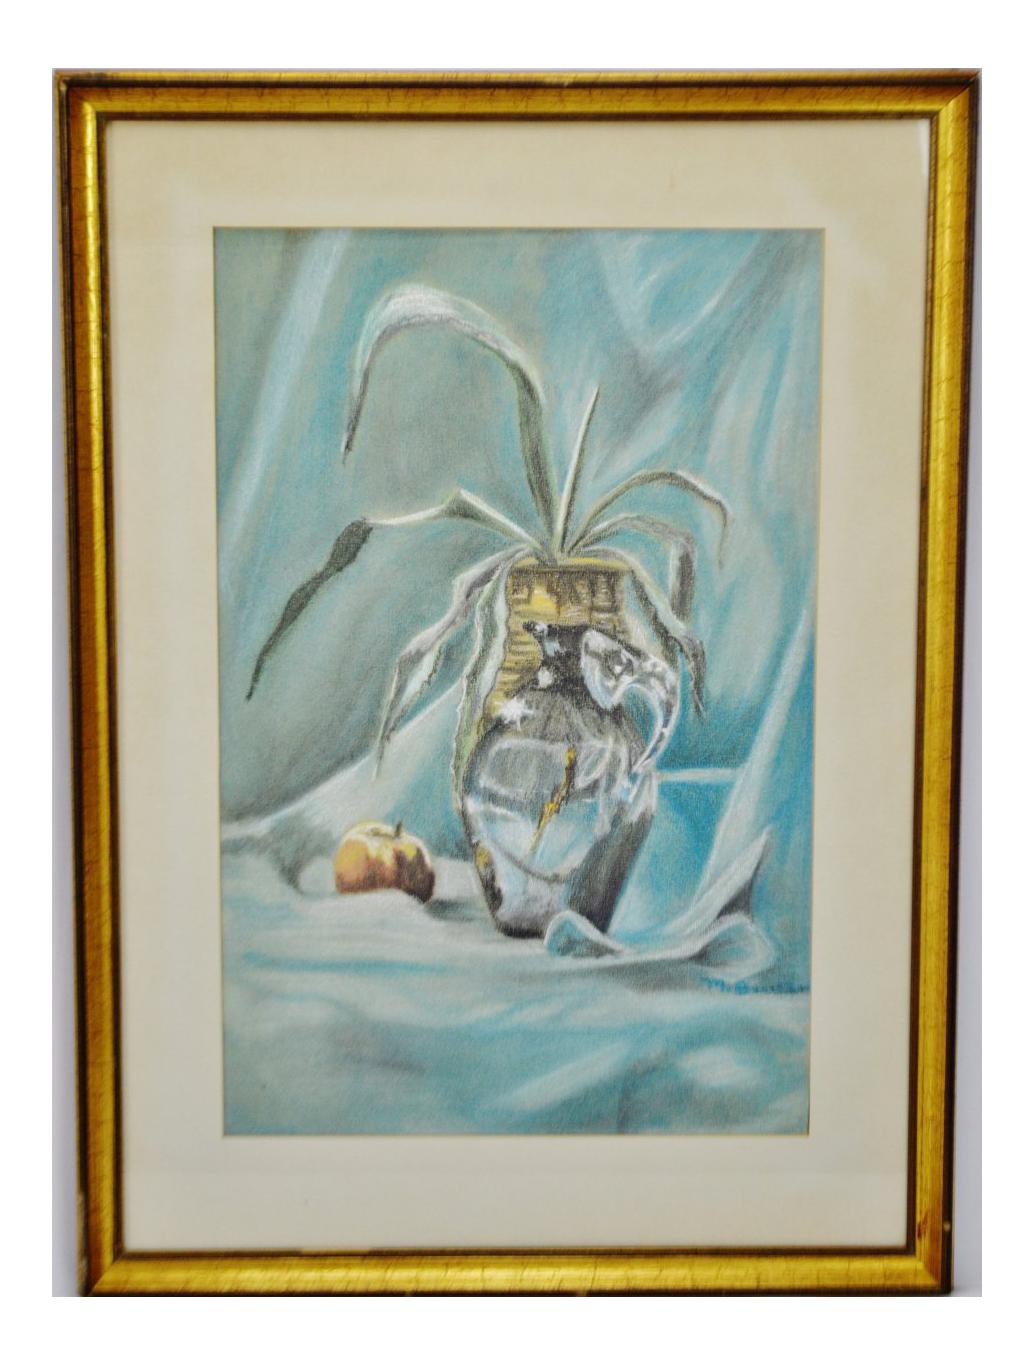 svg download Vintage Framed Pastel Still Life Drawing